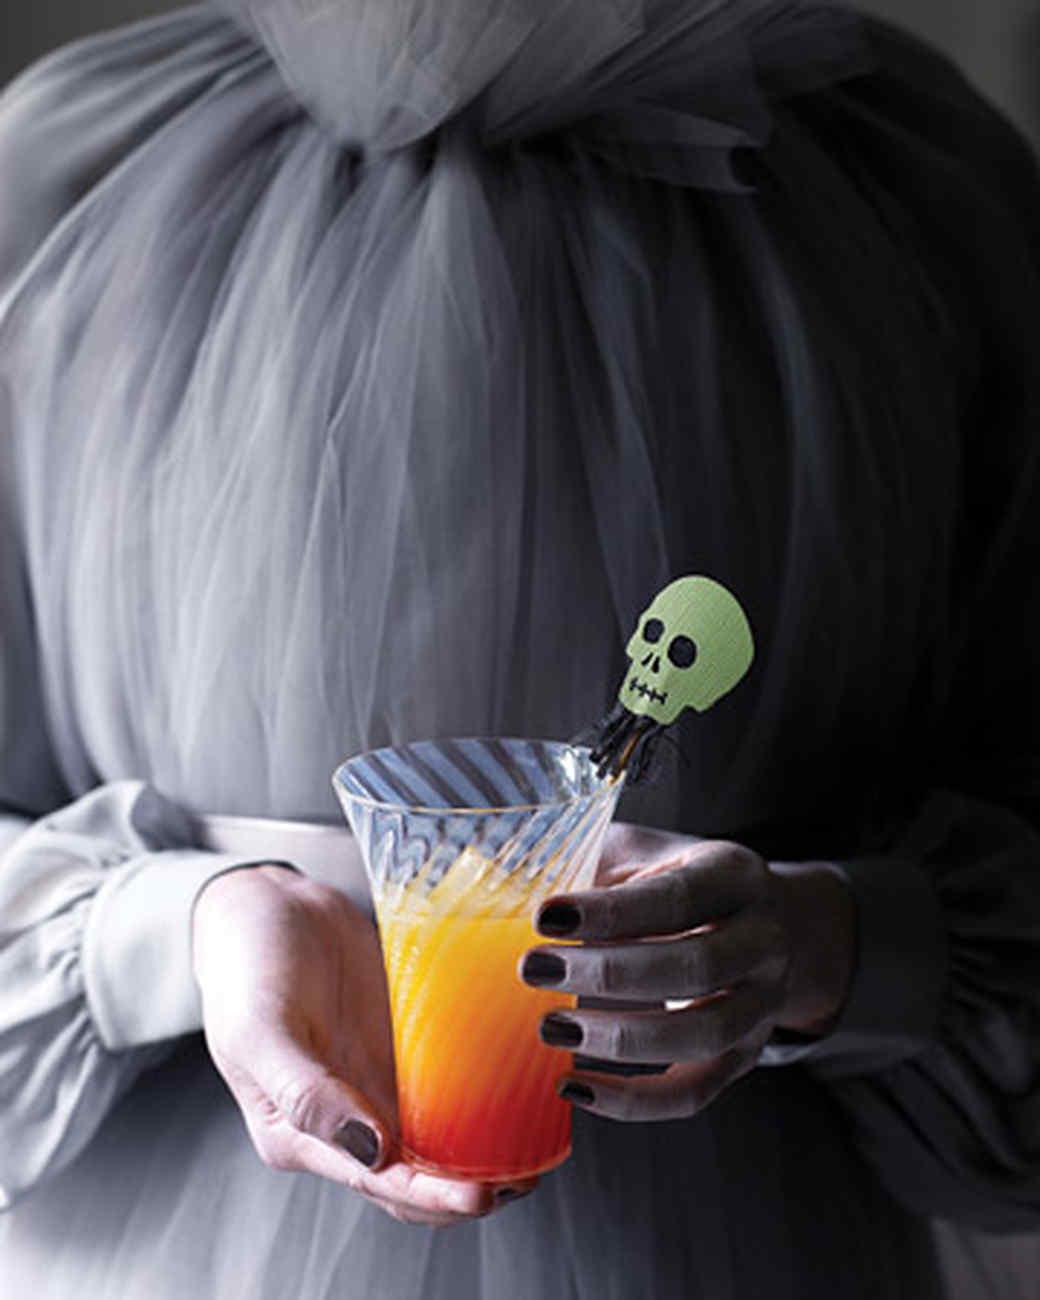 mld104879_hal09_cocktail2.jpg